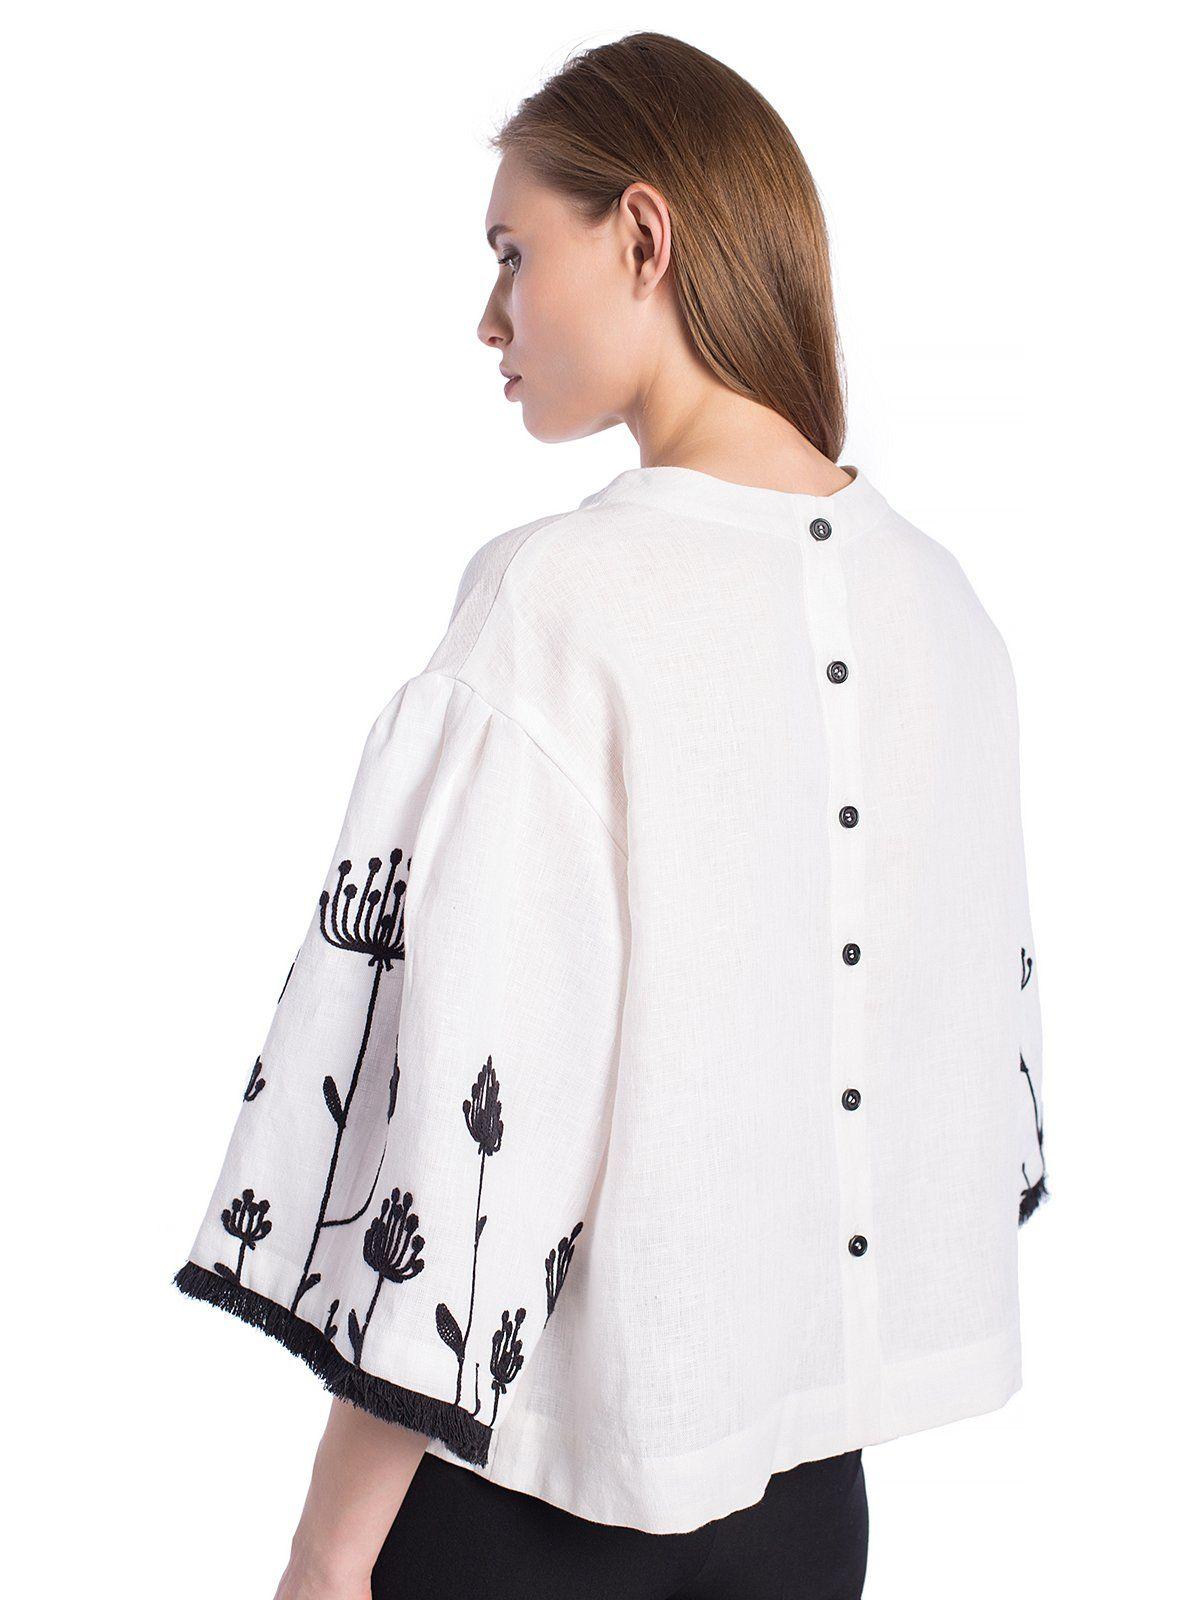 Лляна блузка з вишивкою на рукавах та бахромою Ethnic 6  3b189912ff517